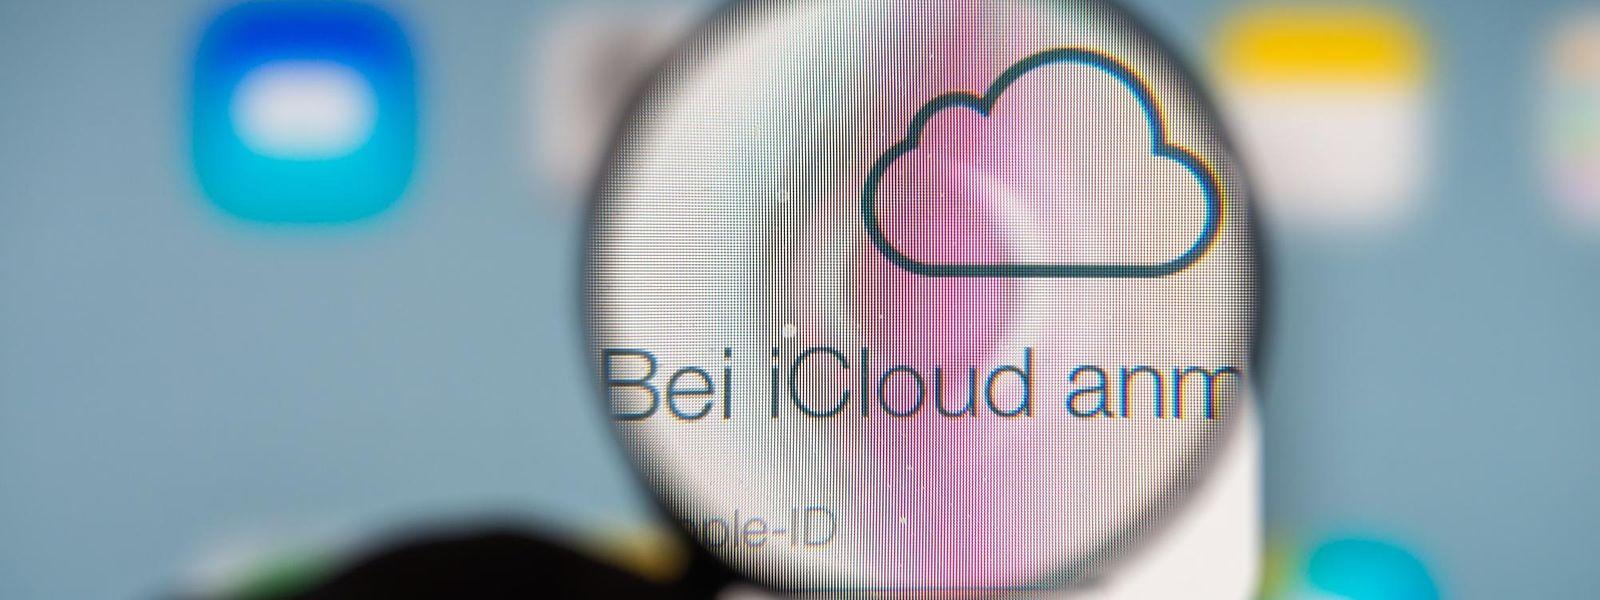 Fernbedienung umgedreht: Über Apples iCloud können Besitzer verschwundene iOS-Geräte auffinden, sperren oder Löschen. Das Google-Pendant heißt Geräte-Manager.